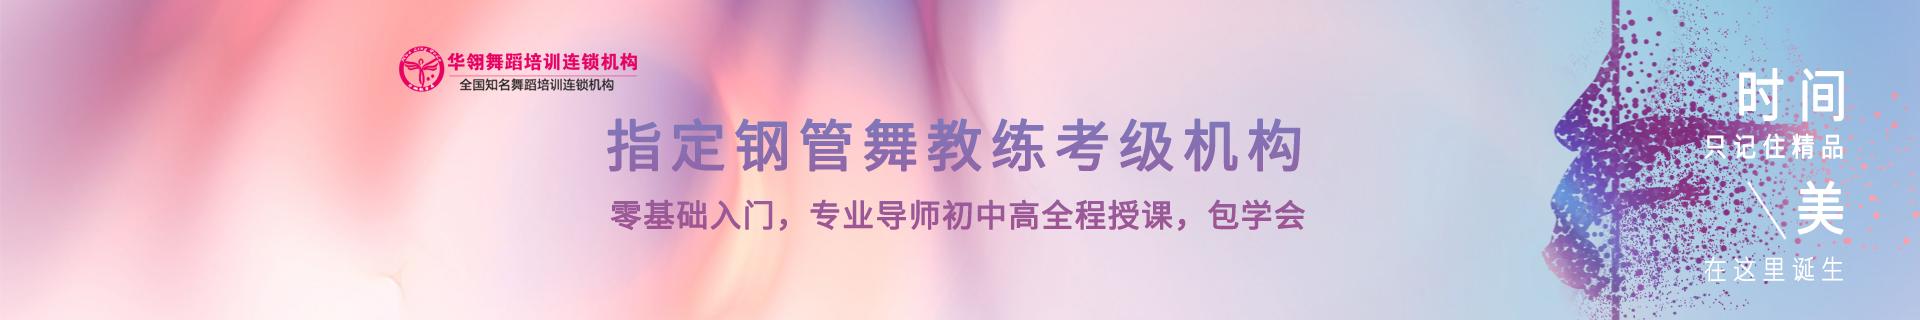 杭州滨江区华翎舞蹈培训机构